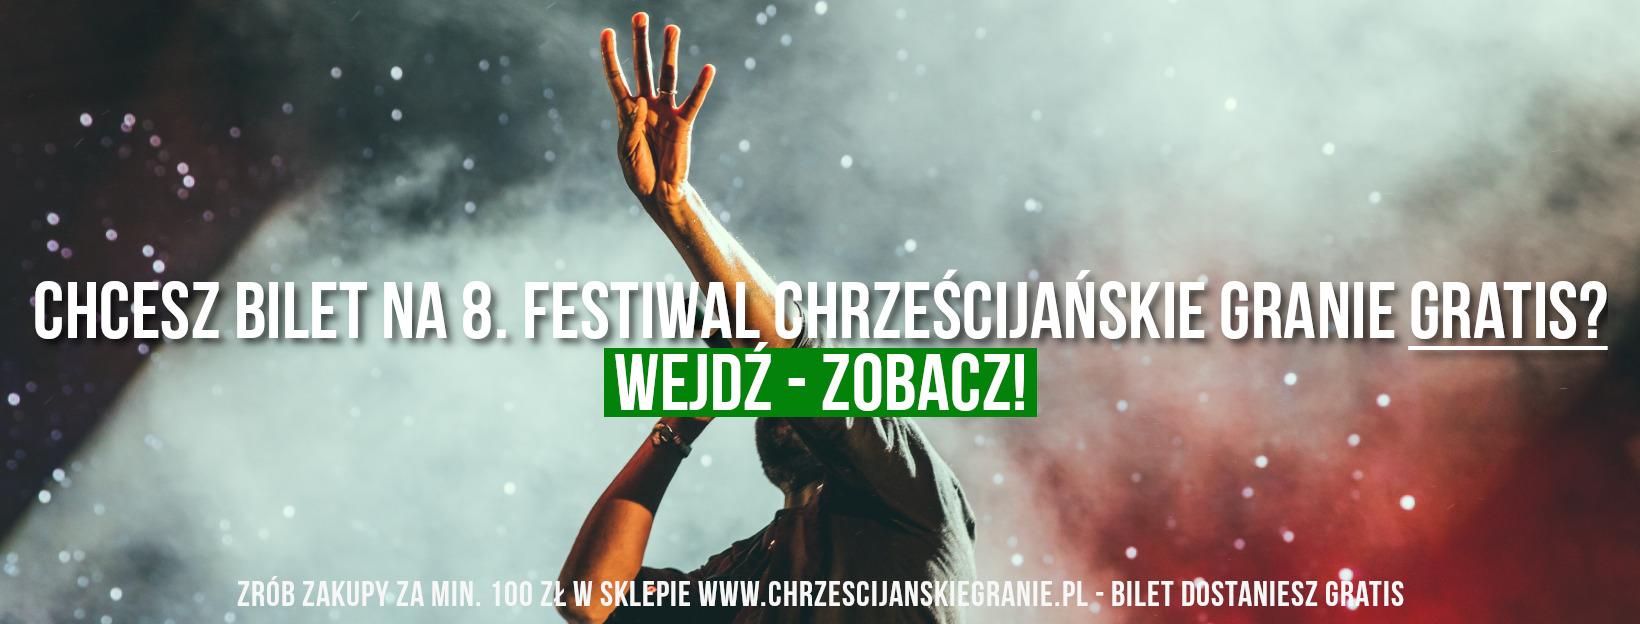 Promocja Festiwal Chrześcijańskie Granie 2018